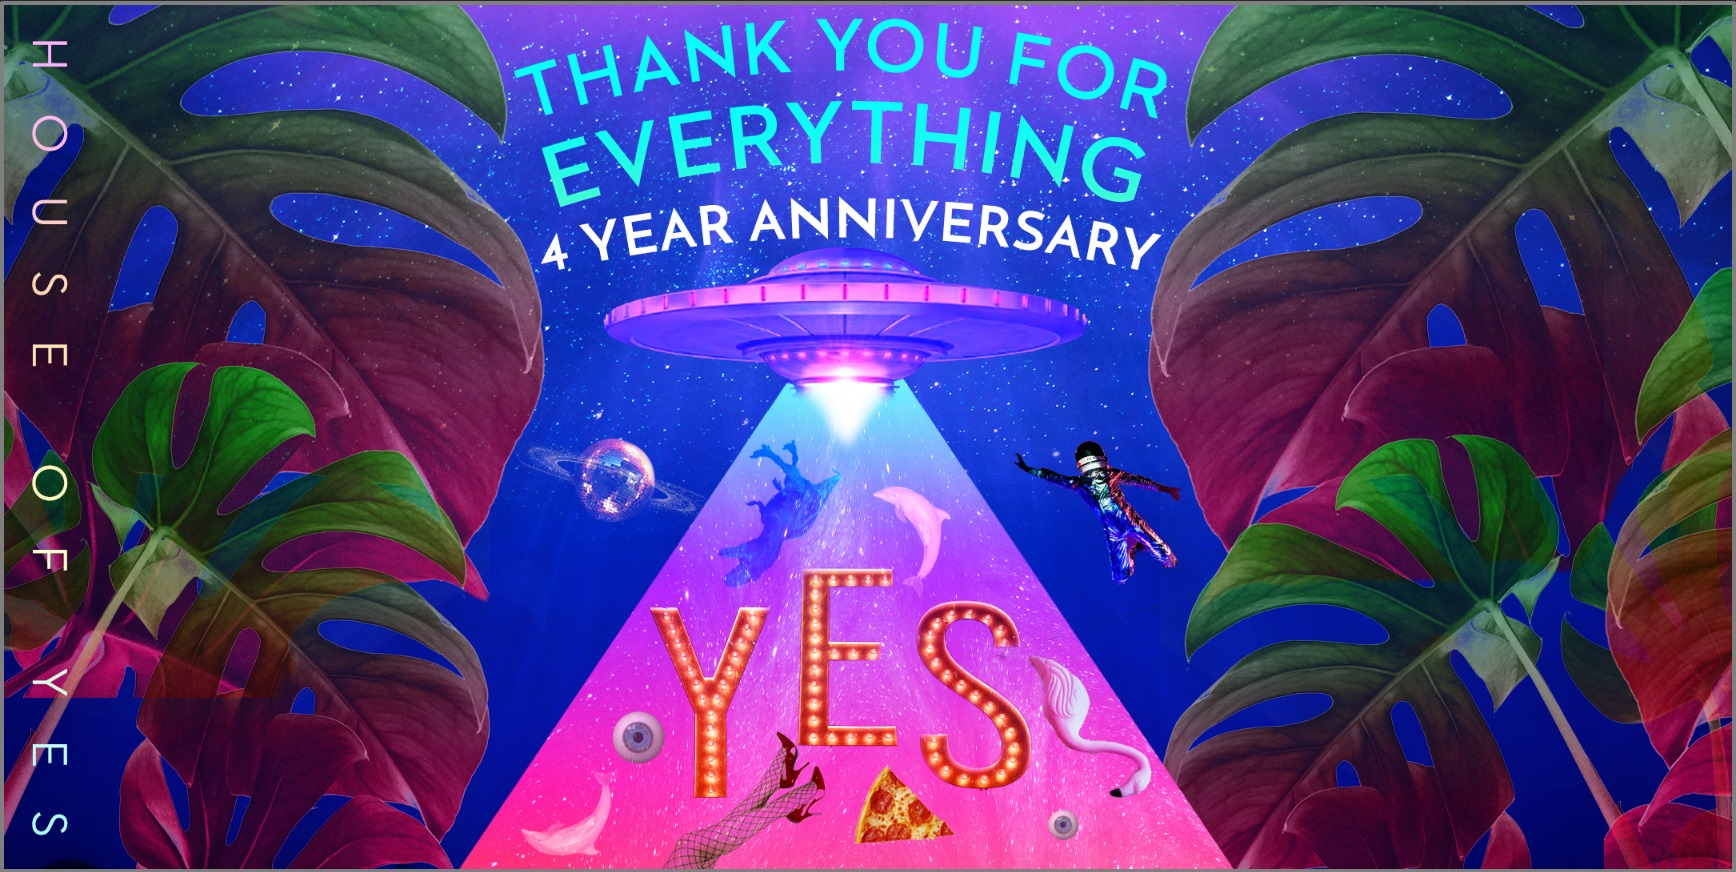 HOY 4 Year Anniversary